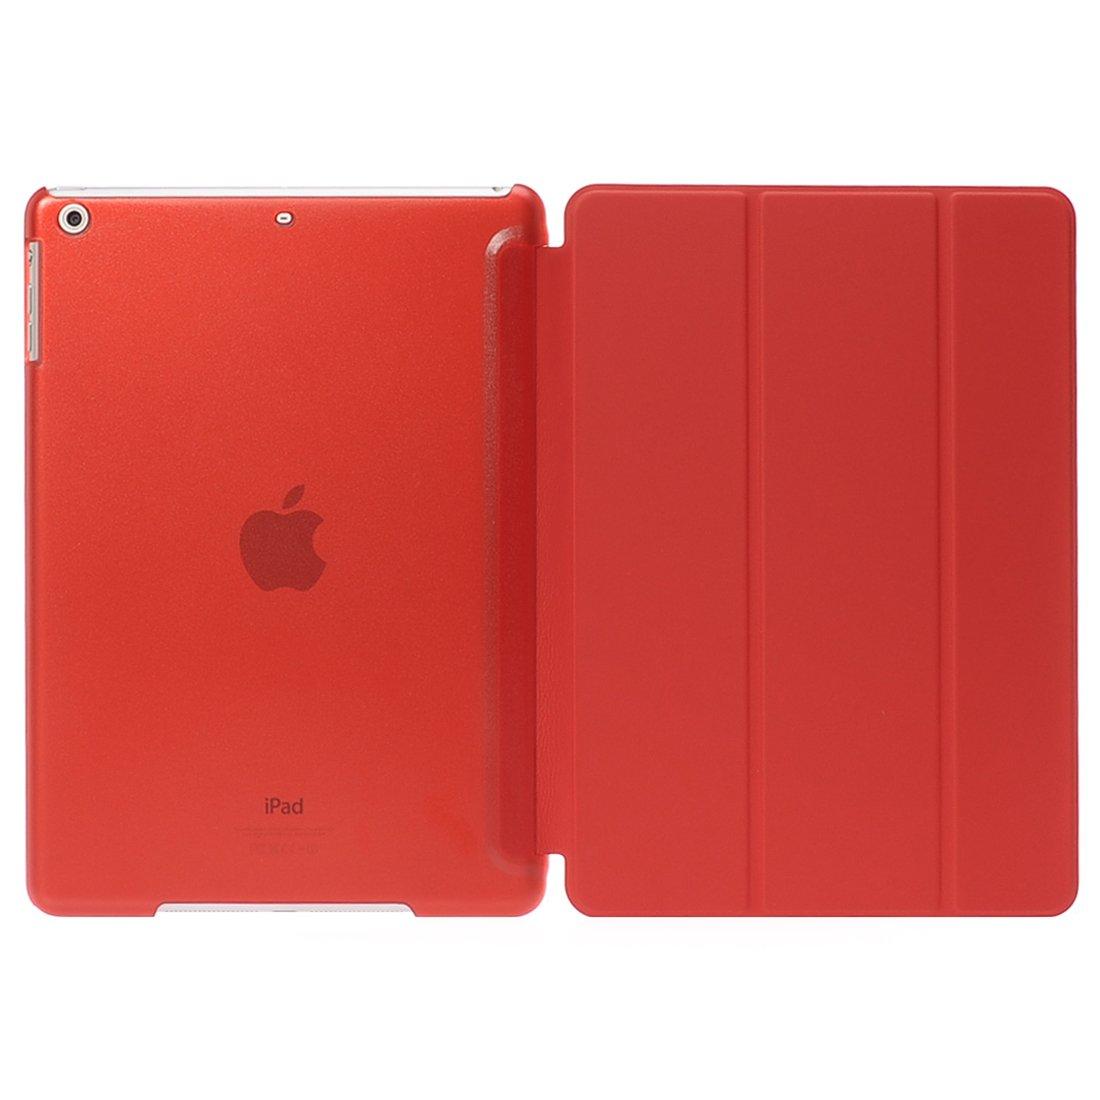 当店の記念日 ipad Air 2ケースの空気は B01KZE4O0C (レッド)、本物の革のフリップカバーフォリオケース超薄磁性ipad ipad 6 ケースカバースタンドとバックアップルipad Air 2 のためのケース (レッド) レッド B01KZE4O0C, Phone's mart:3cd2ee74 --- a0267596.xsph.ru